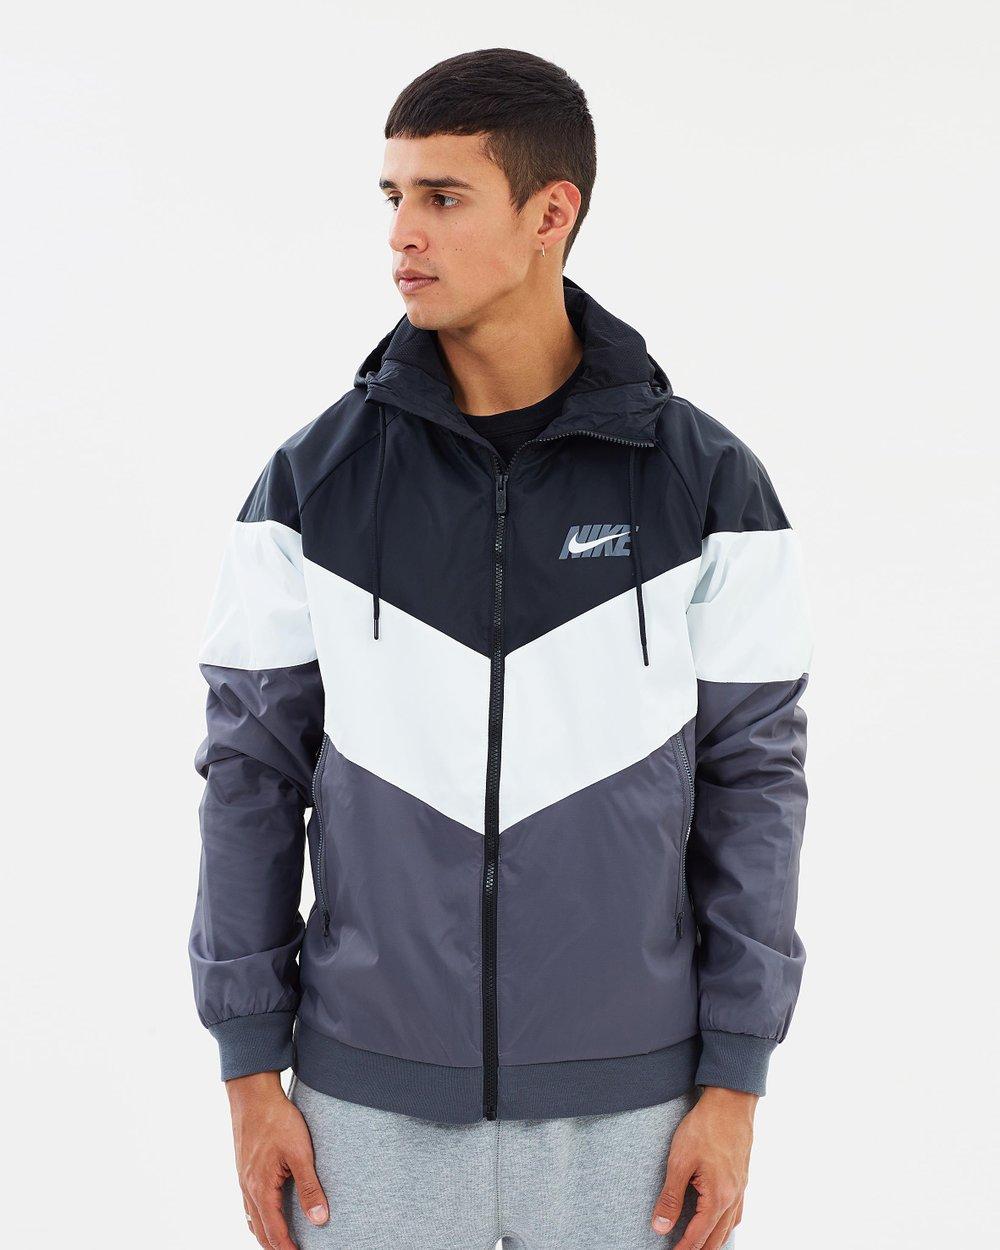 43825c88de1 Sportswear Windrunner Jacket by Nike Online | THE ICONIC | Australia